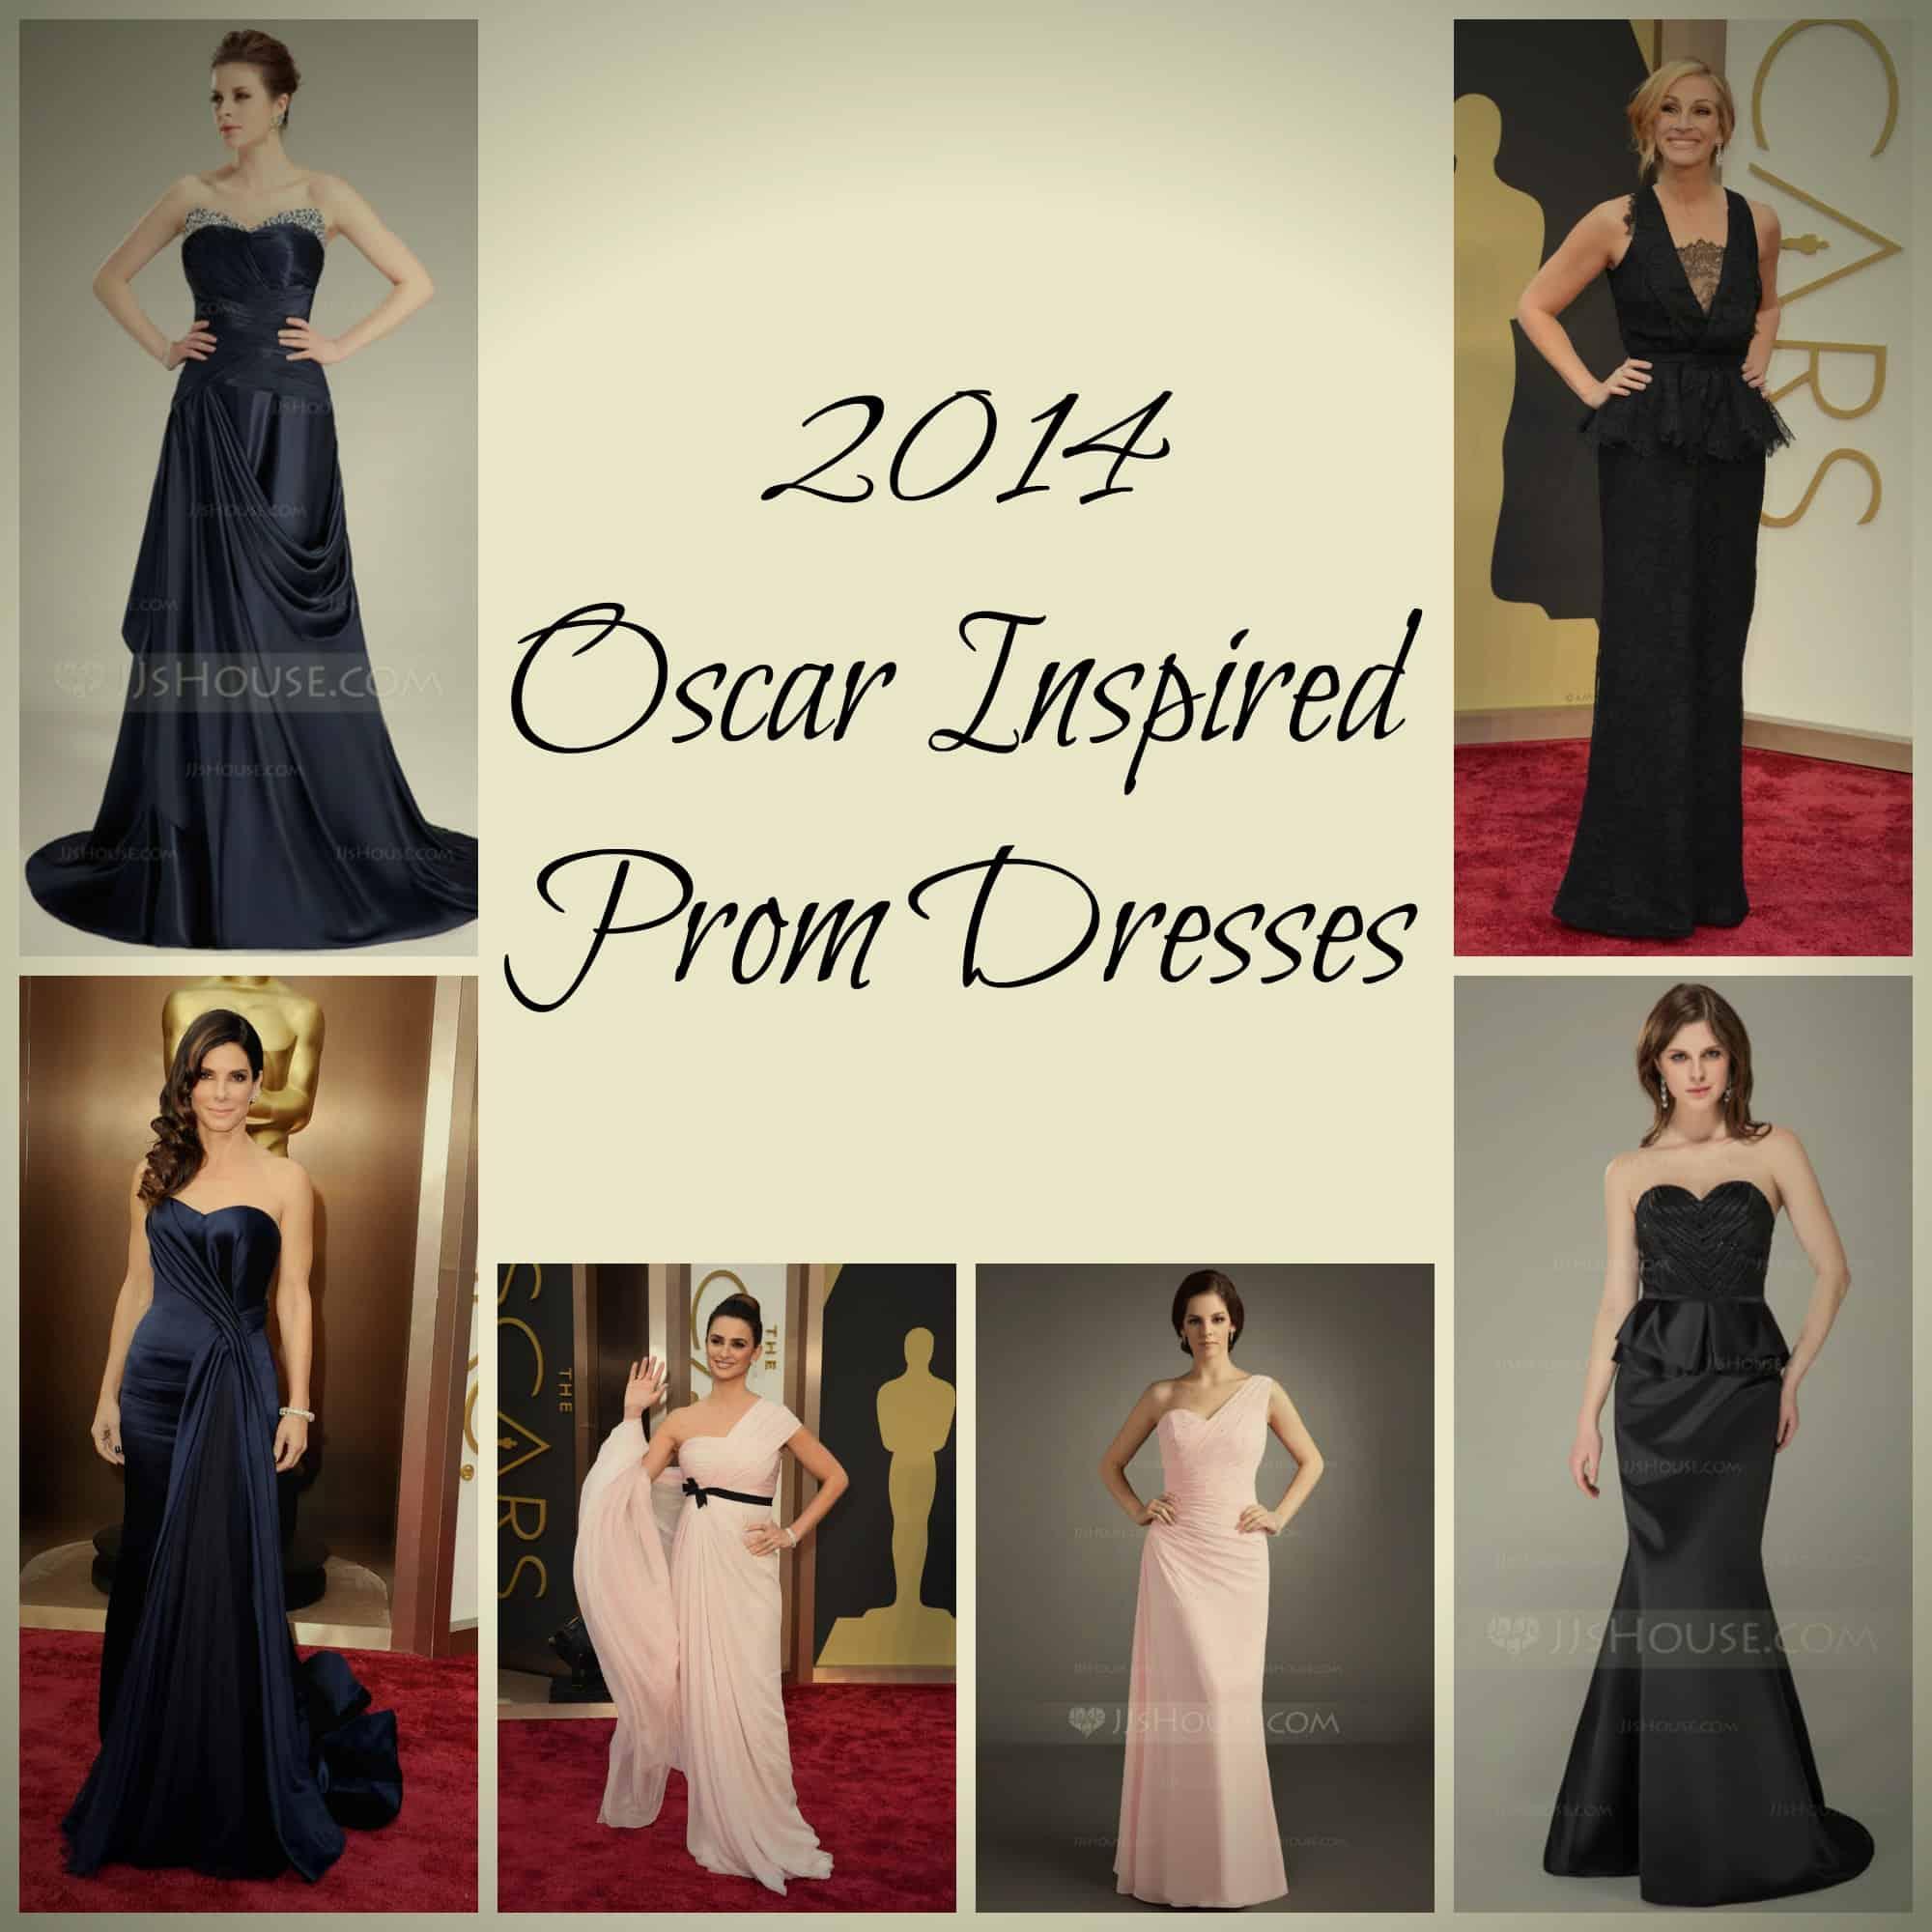 2014 Oscar Inspired Prom Dresses